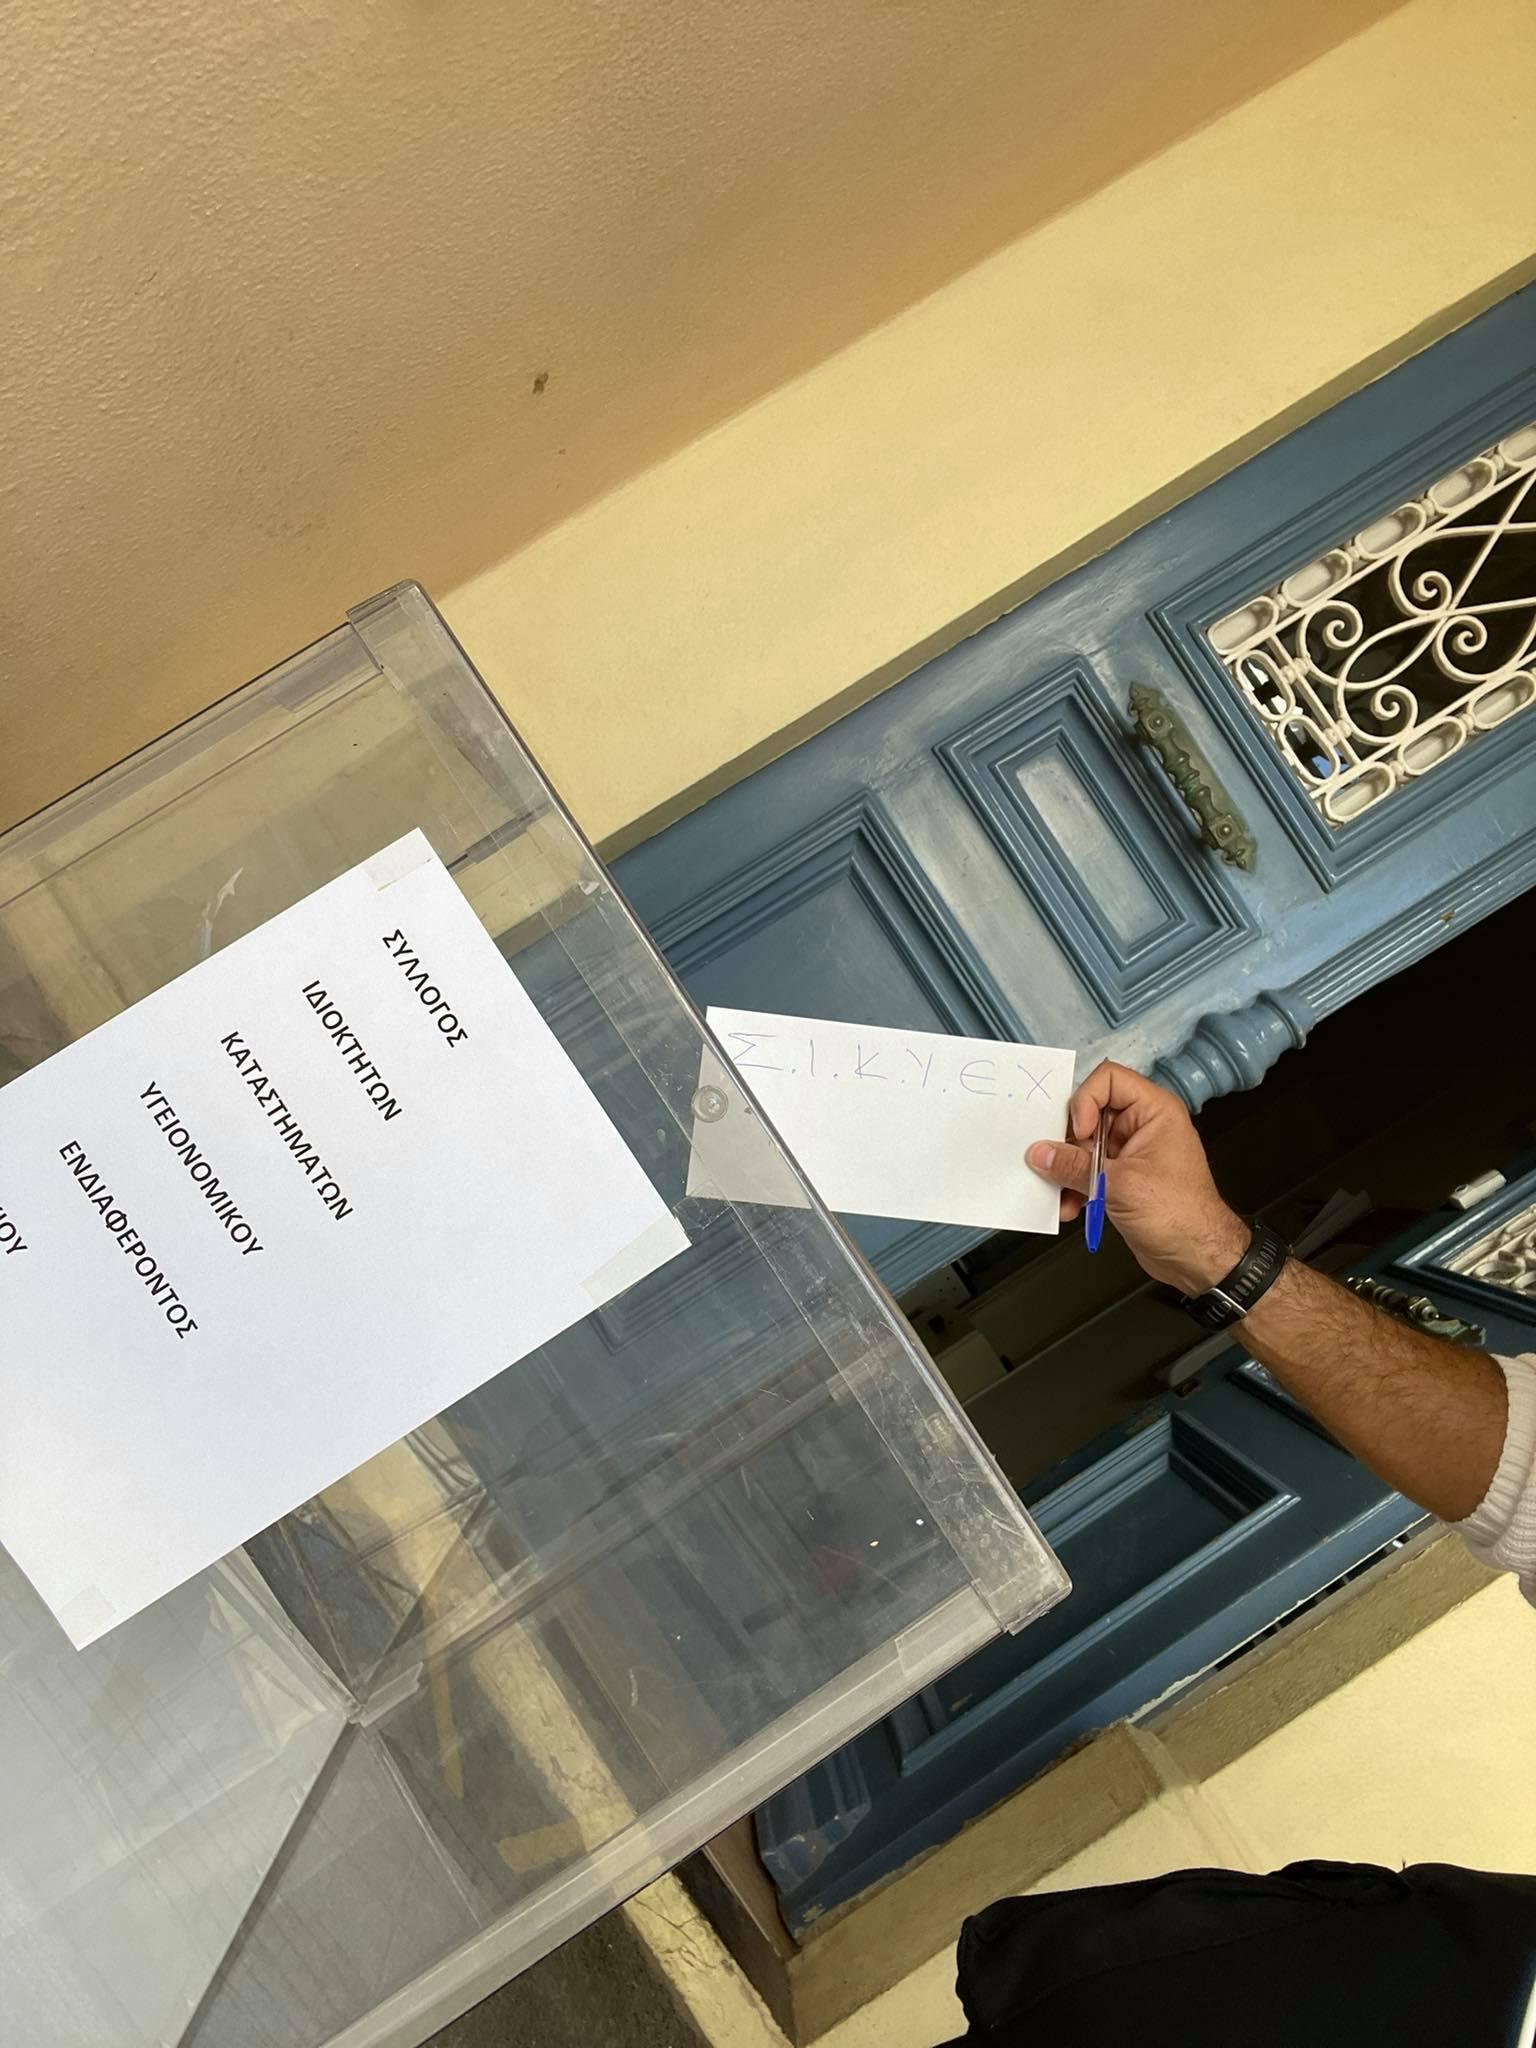 Εστίαση: Οι επιχειρηματίες «παρέδωσαν» τα κλειδιά των καταστημάτων – Κινητοποίηση στο Σύνταγμα και σε πολλές πόλεις της Χώρας- Και στον Πύργο (photos)